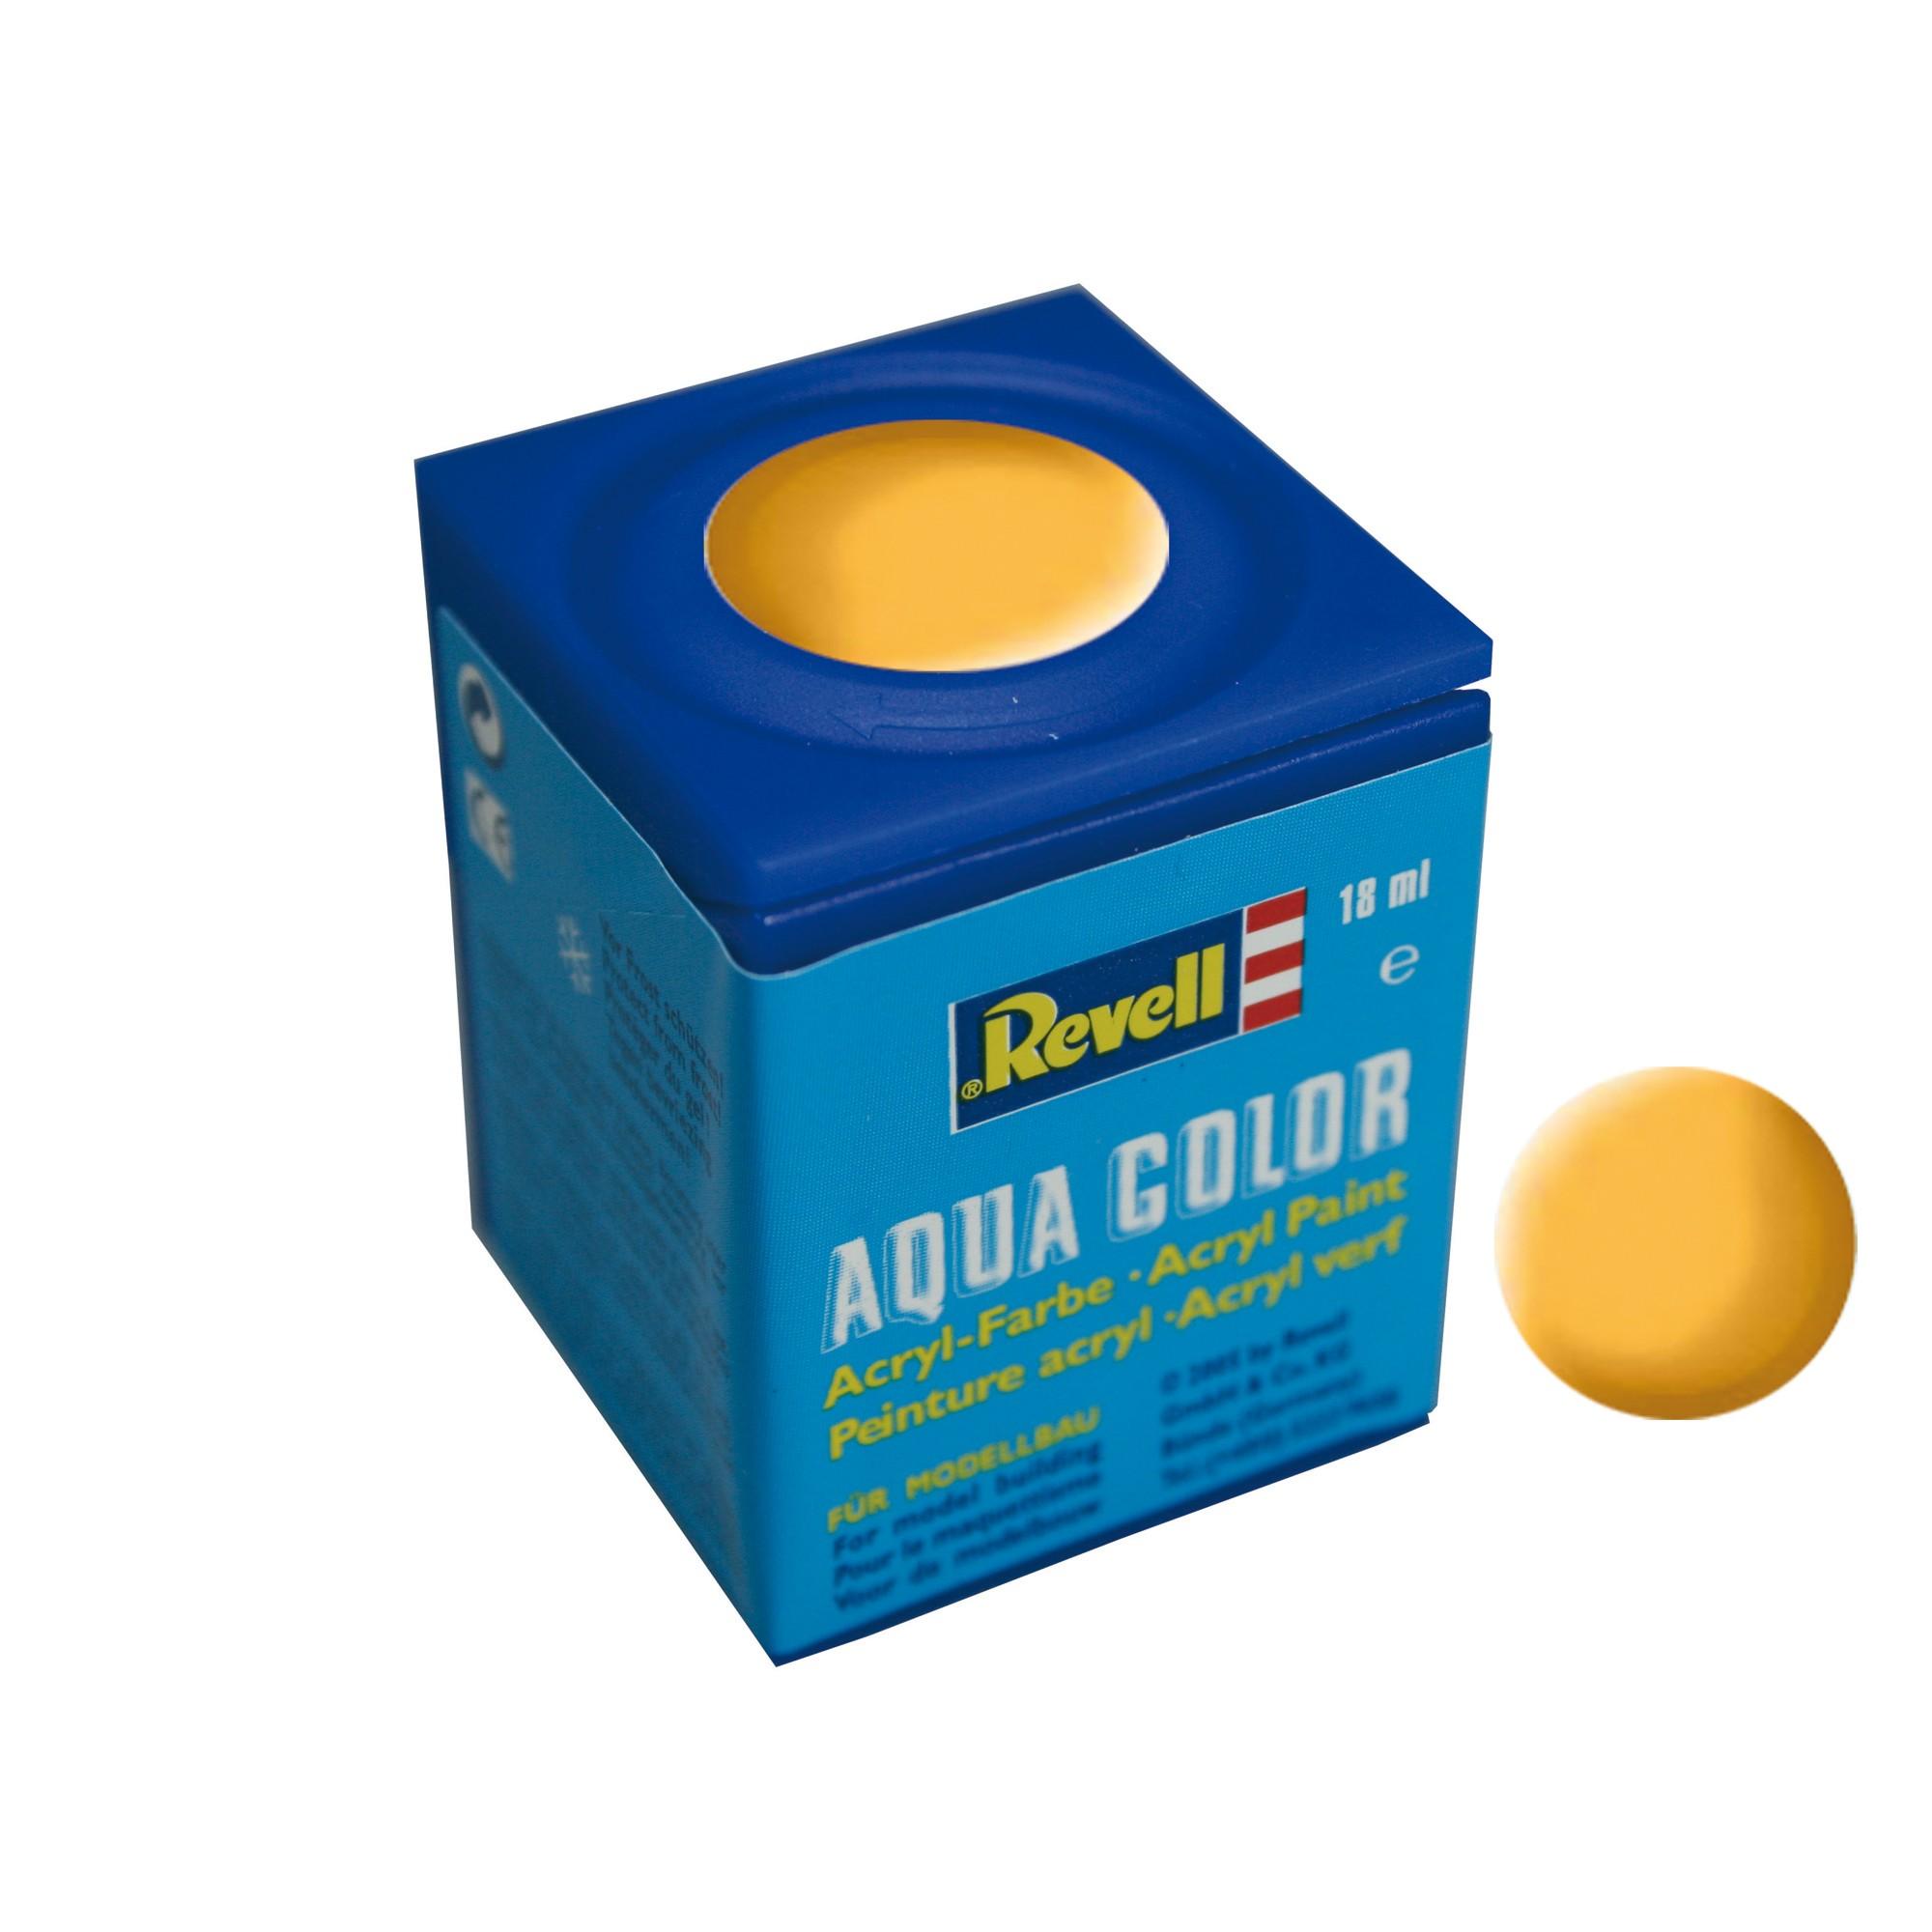 Revell Aqua Color matt gelb